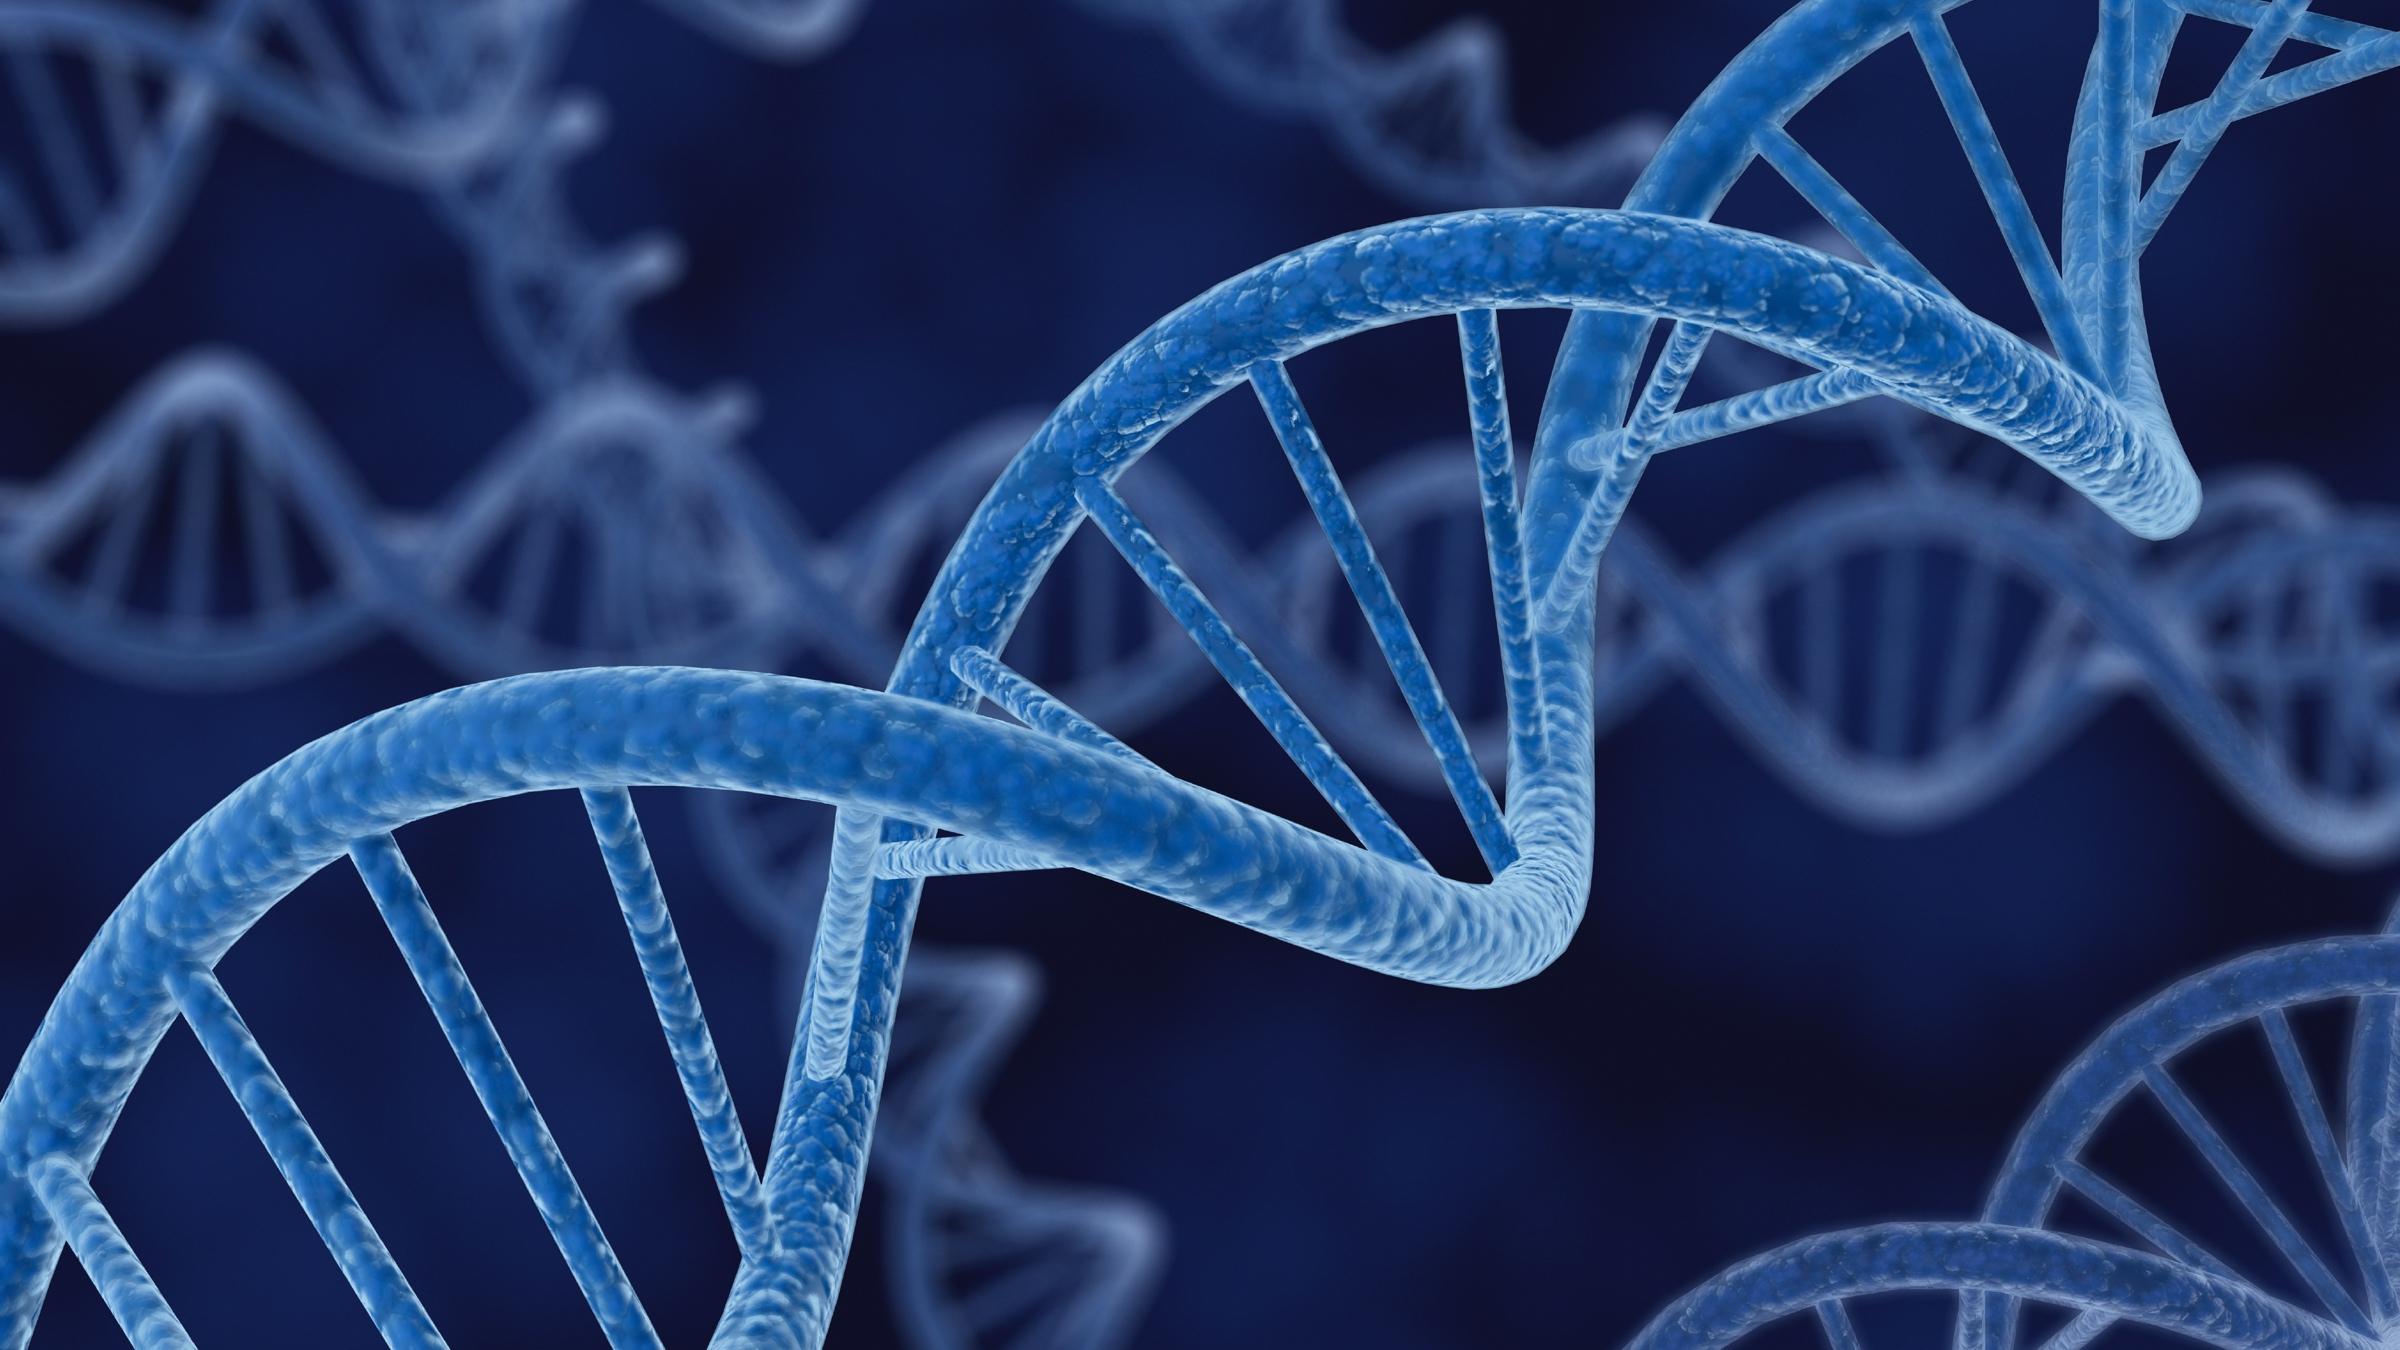 DNA AMGEN